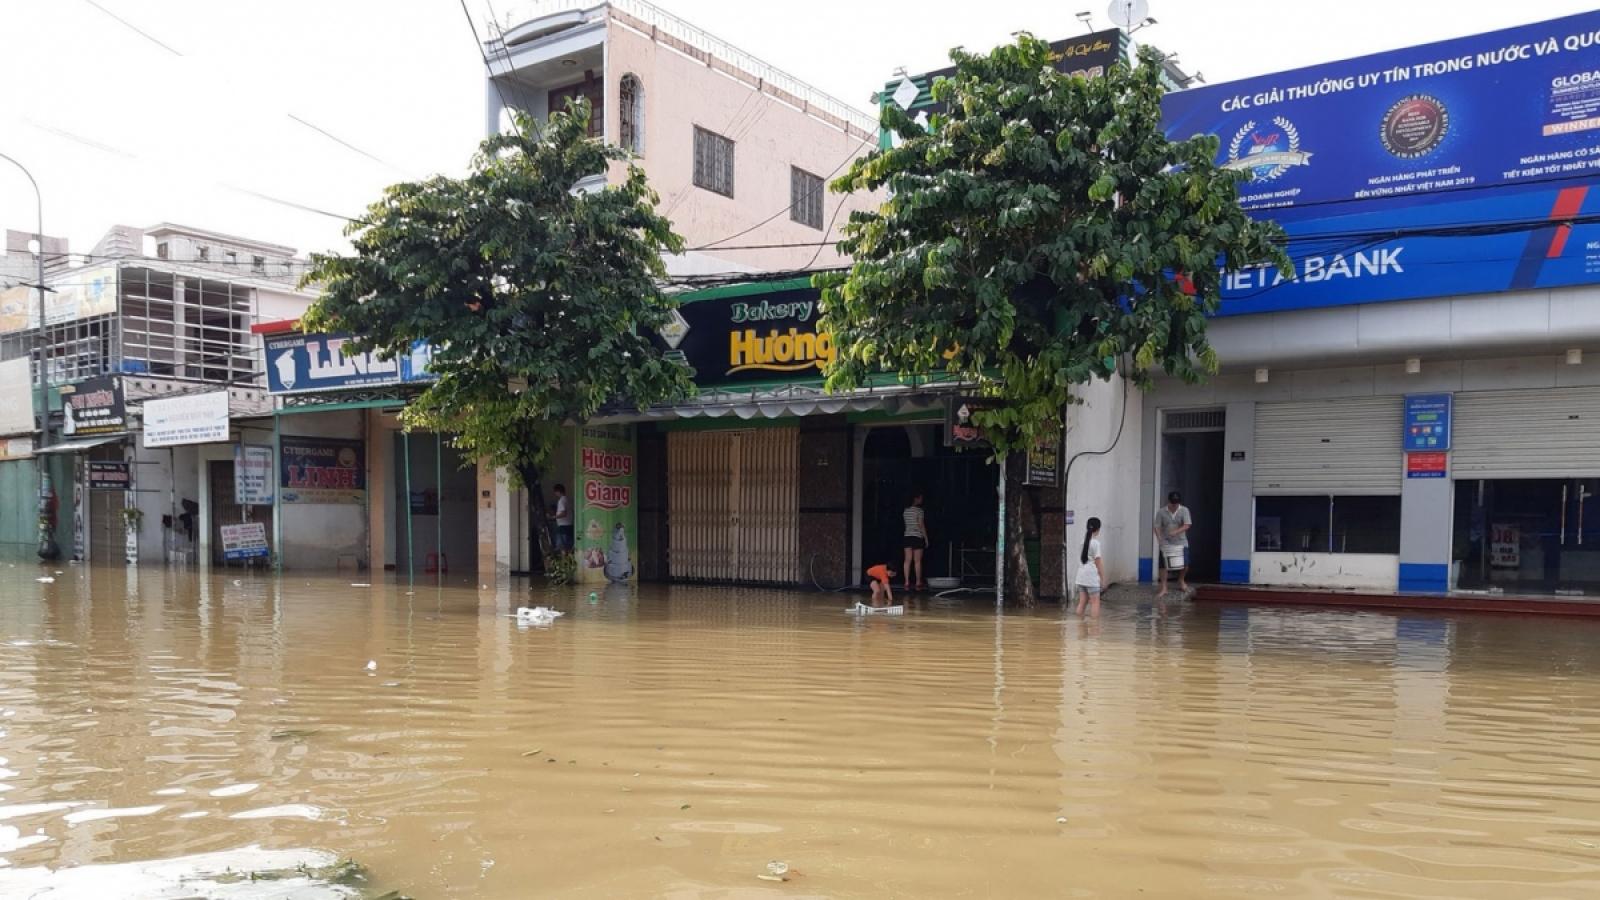 Thống kê thiệt hại do mưa lũ nặng nề ở Miền Trung